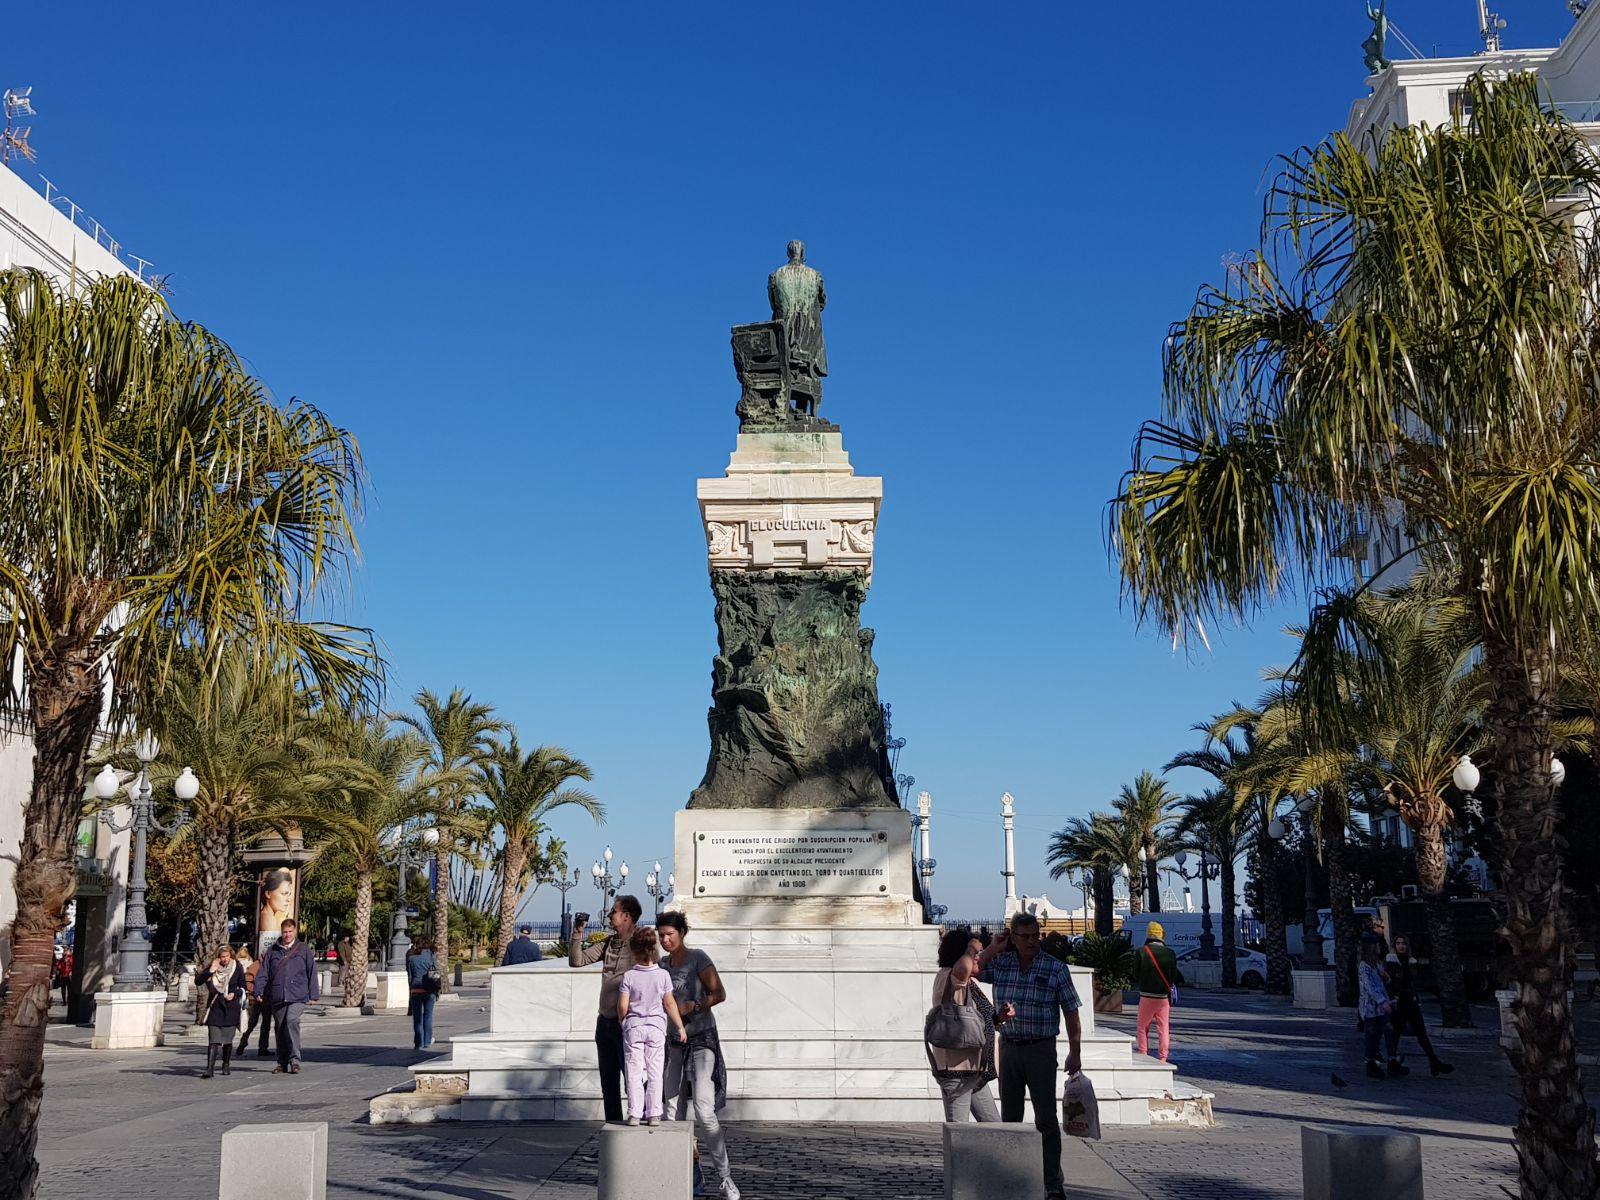 Plazan San Juan de Dios